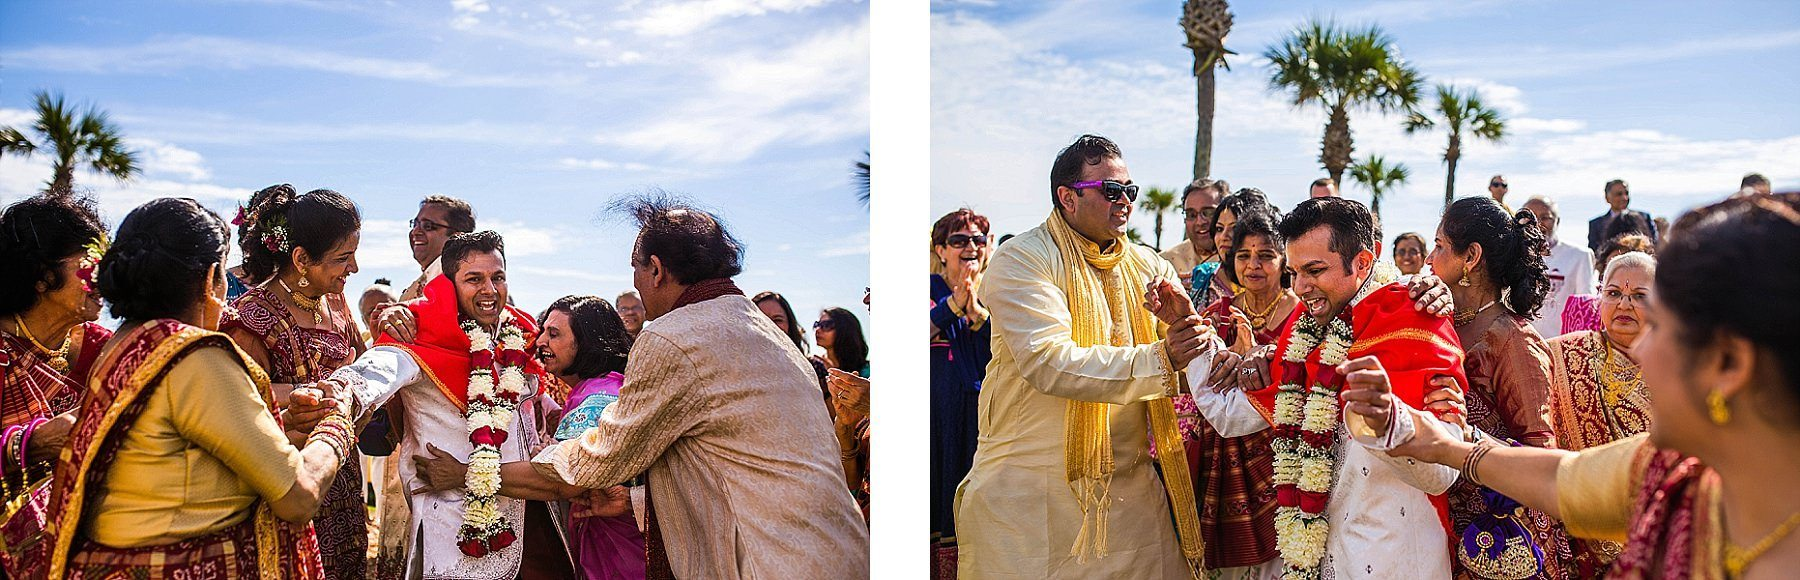 Ritz Carlton Amelia Island Indian Wedding Photography